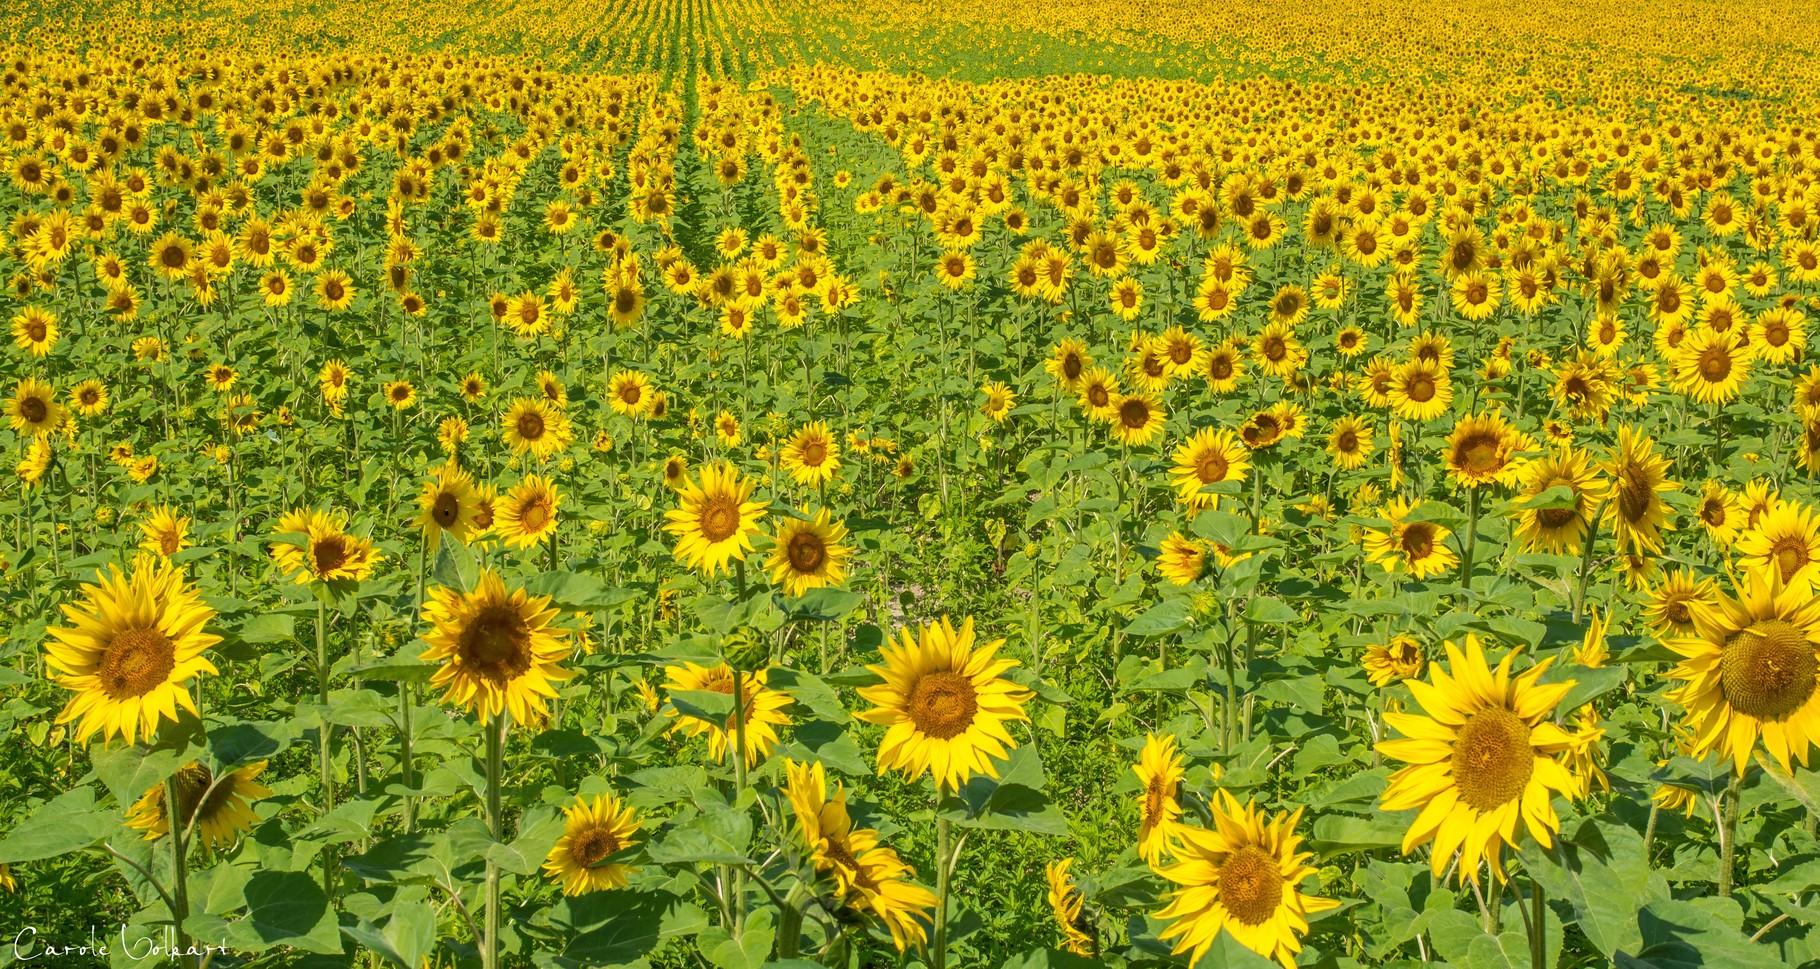 Sommer Sonne Sonnenblumen Carole Volkart I